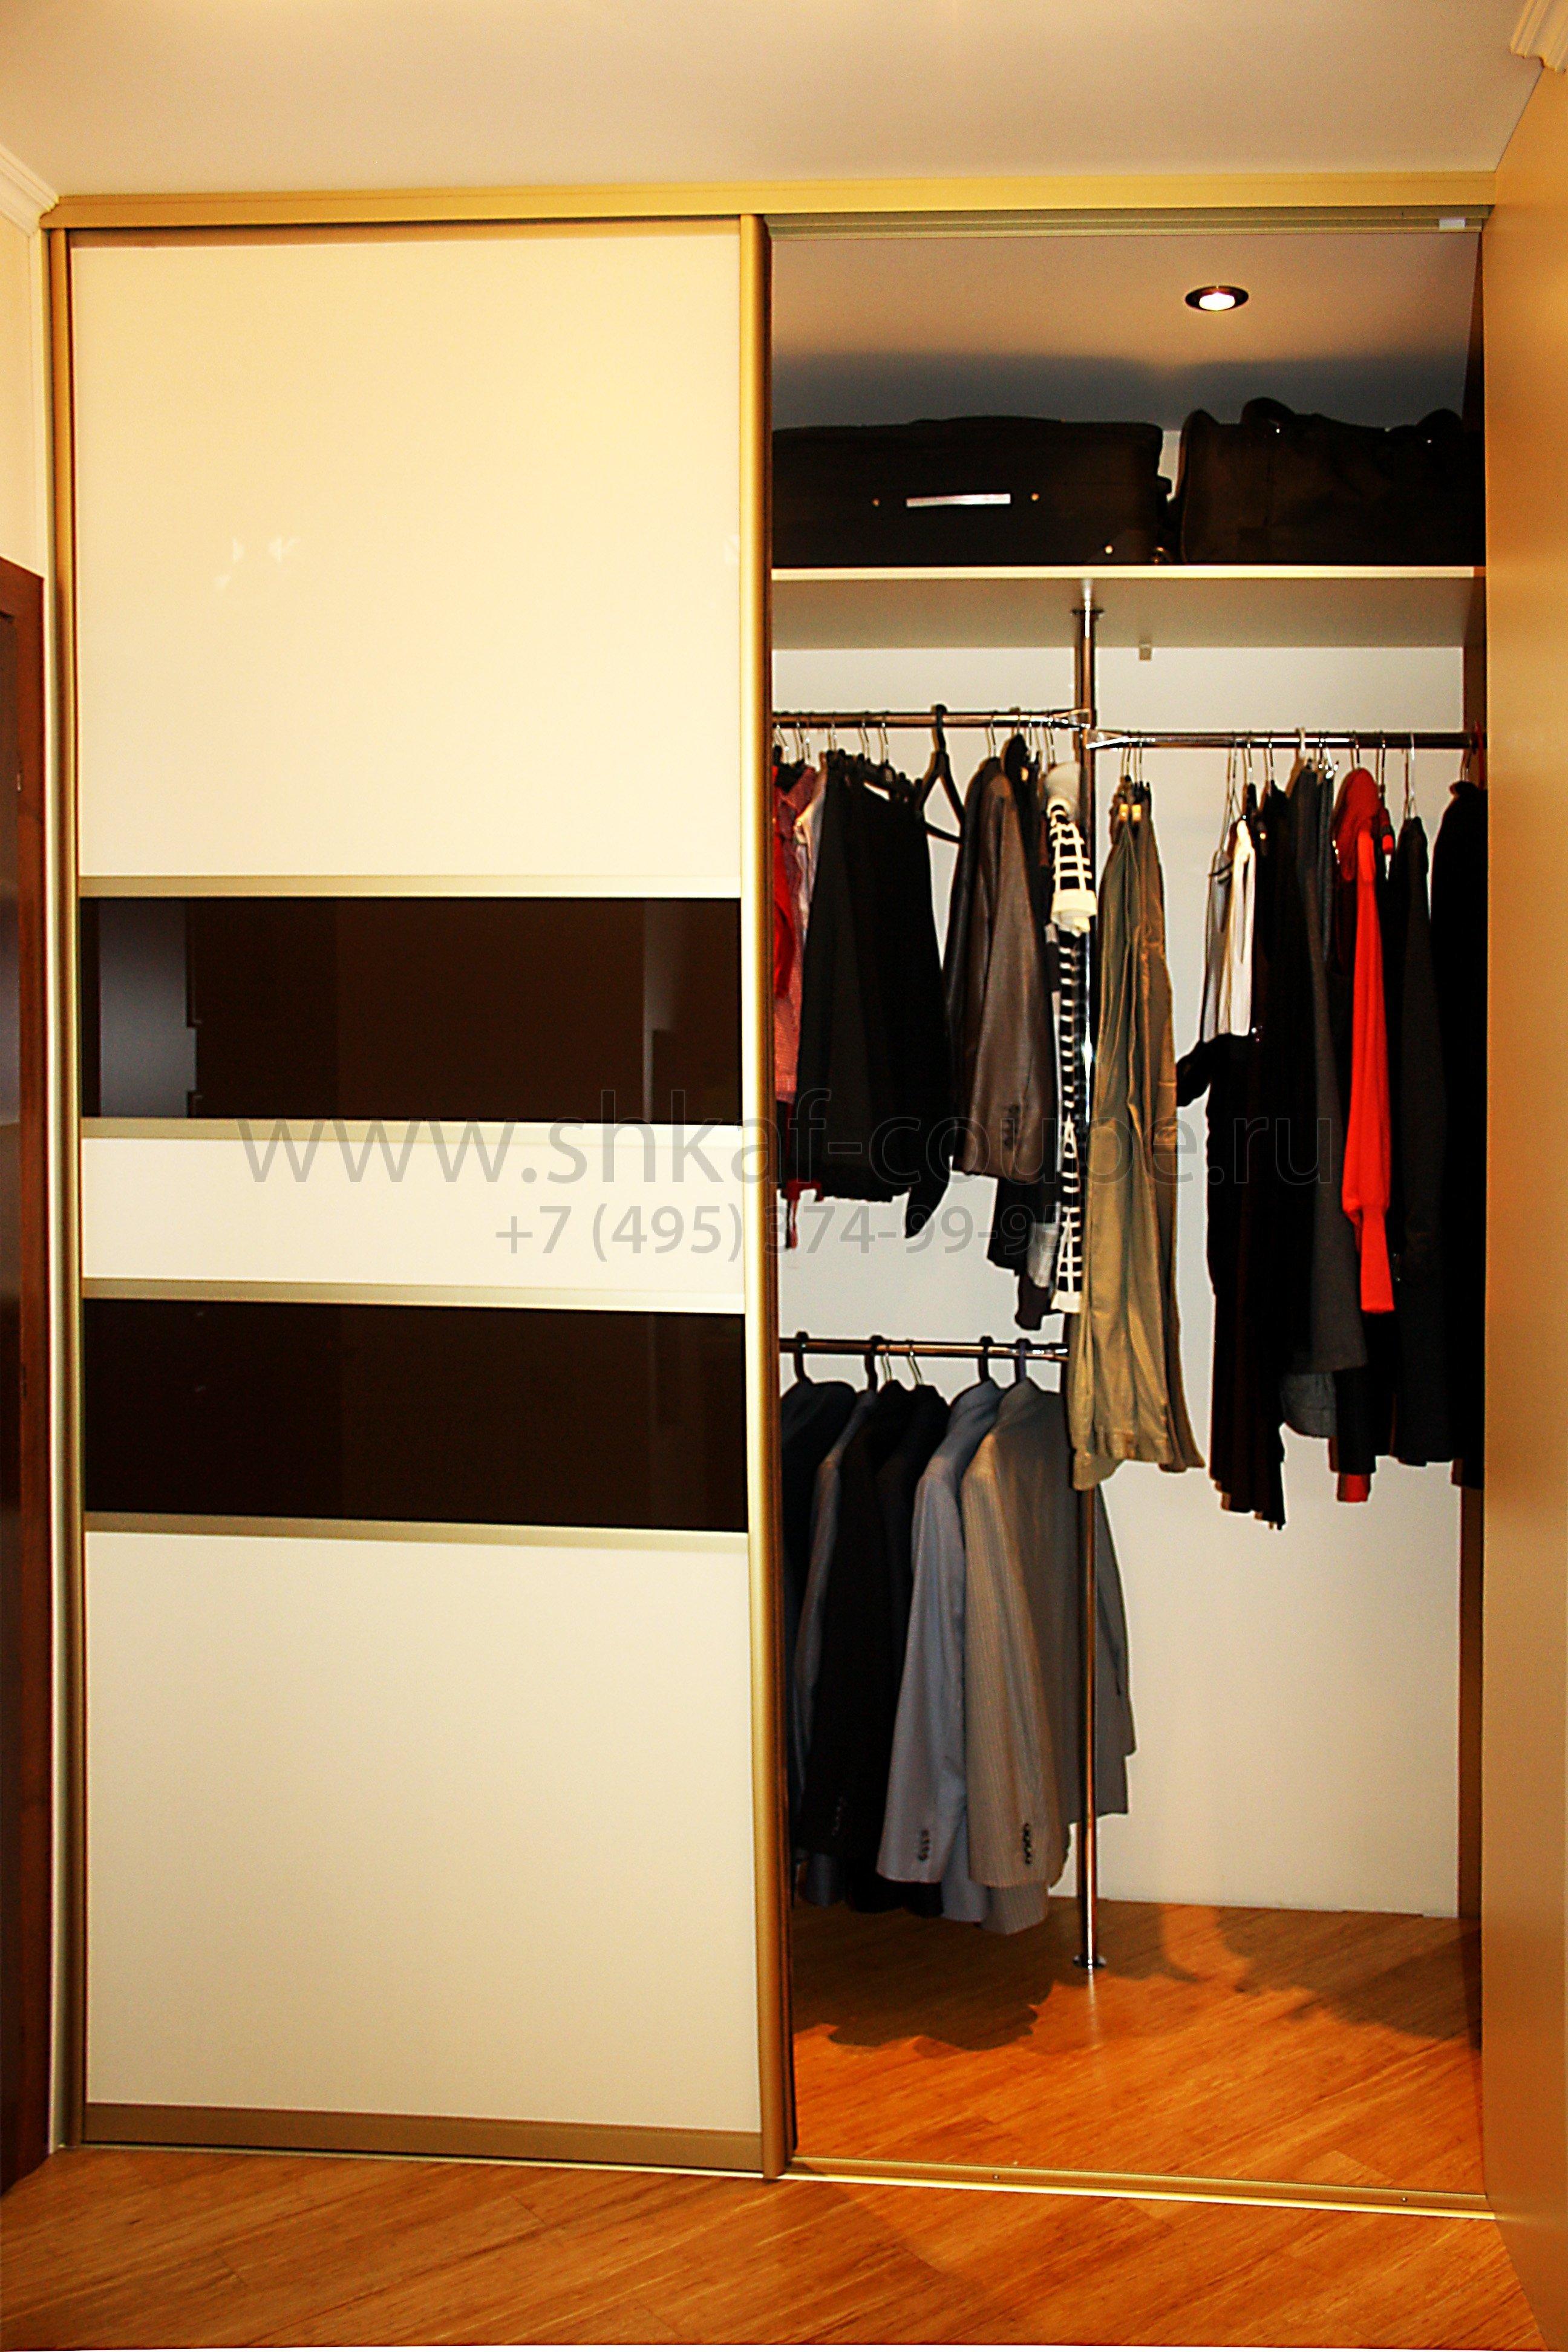 27. гардеробная комната с раздвижными дверьми размер: 1,6 x .